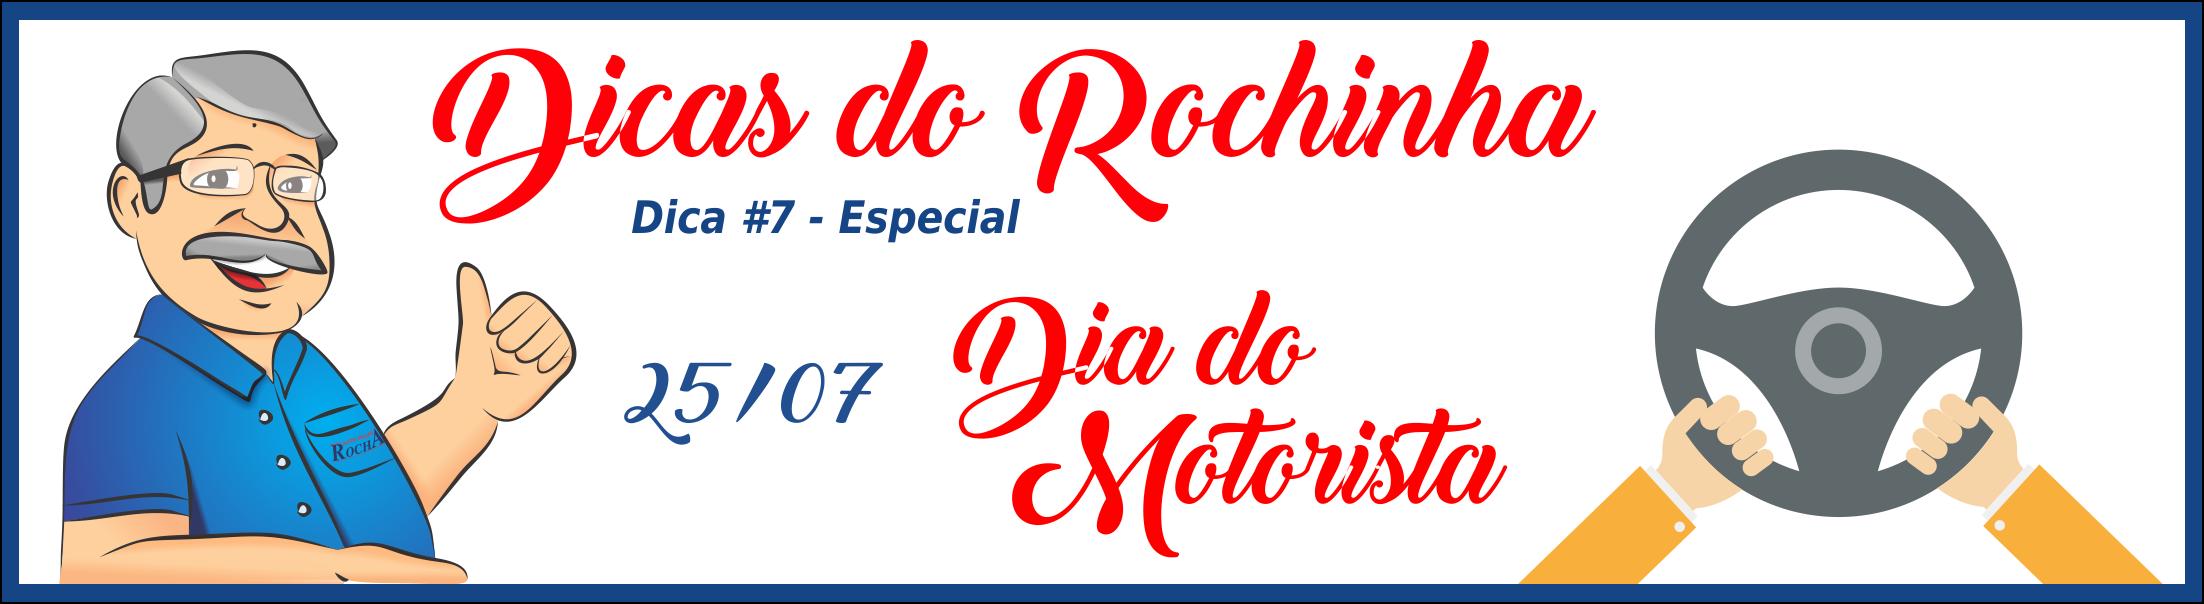 DICA DO ROCHINHA DICA#7